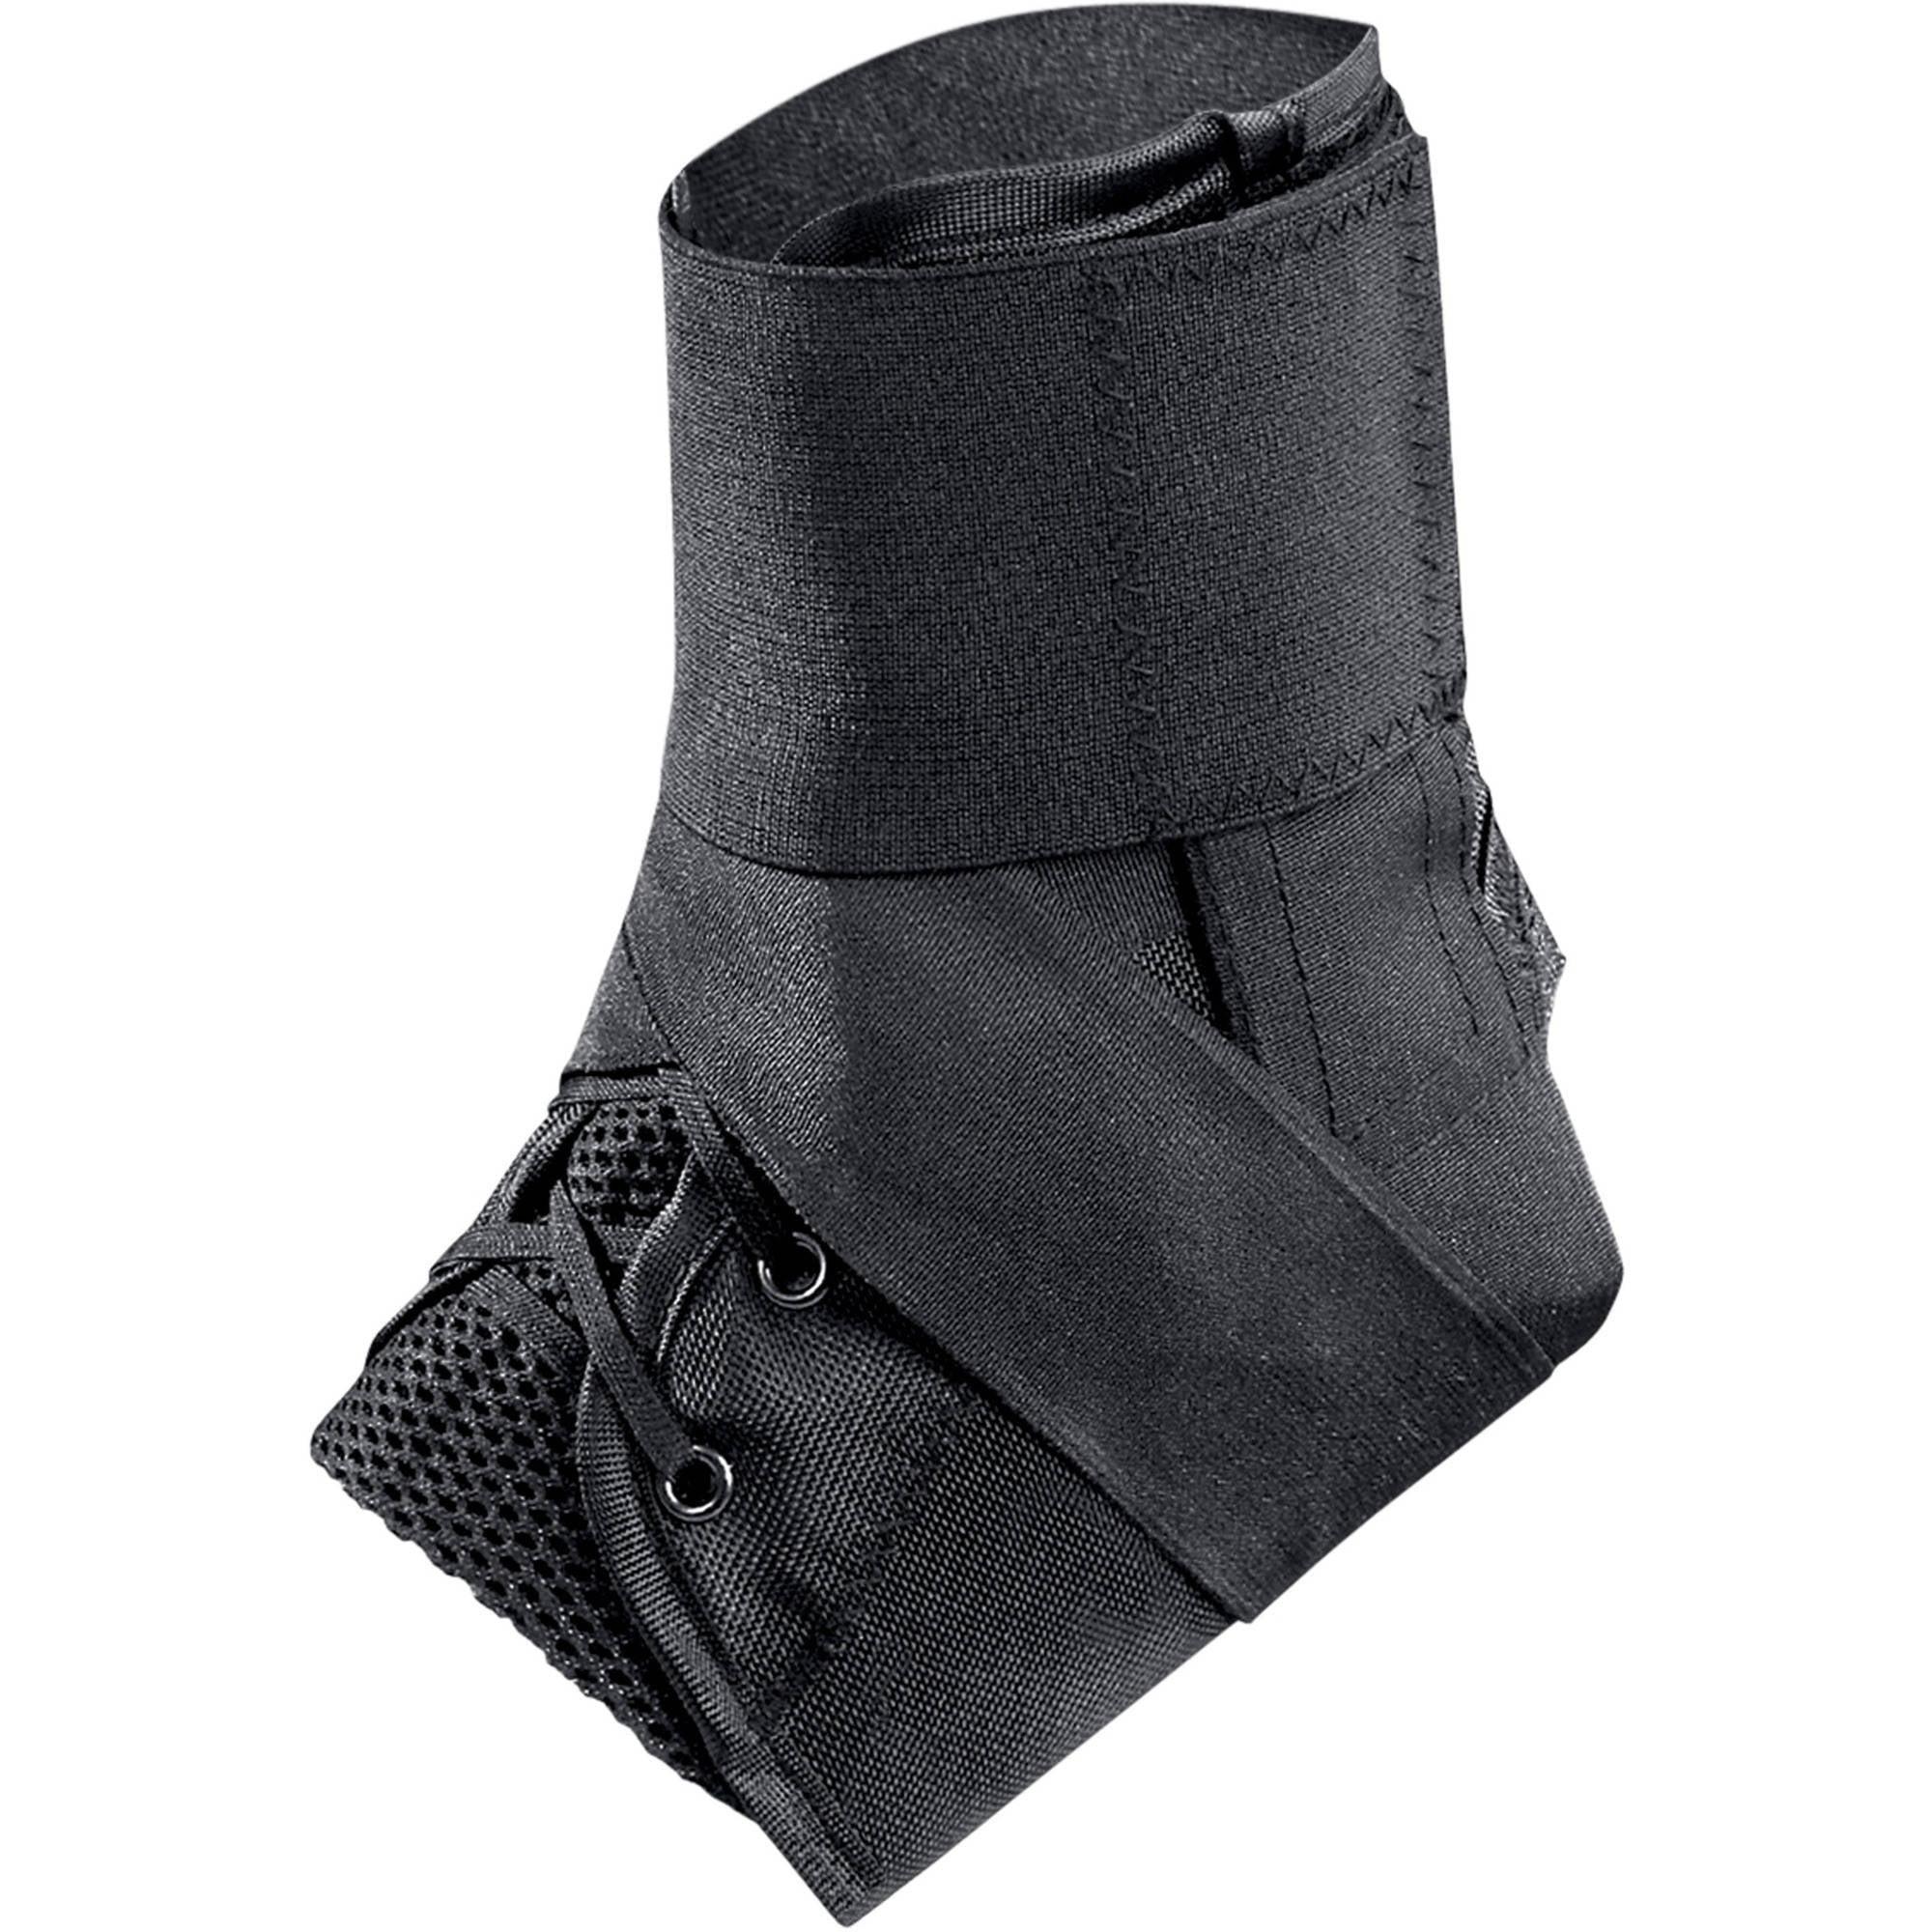 ACE Ultra-Lite Ankle Brace, Large, 901015